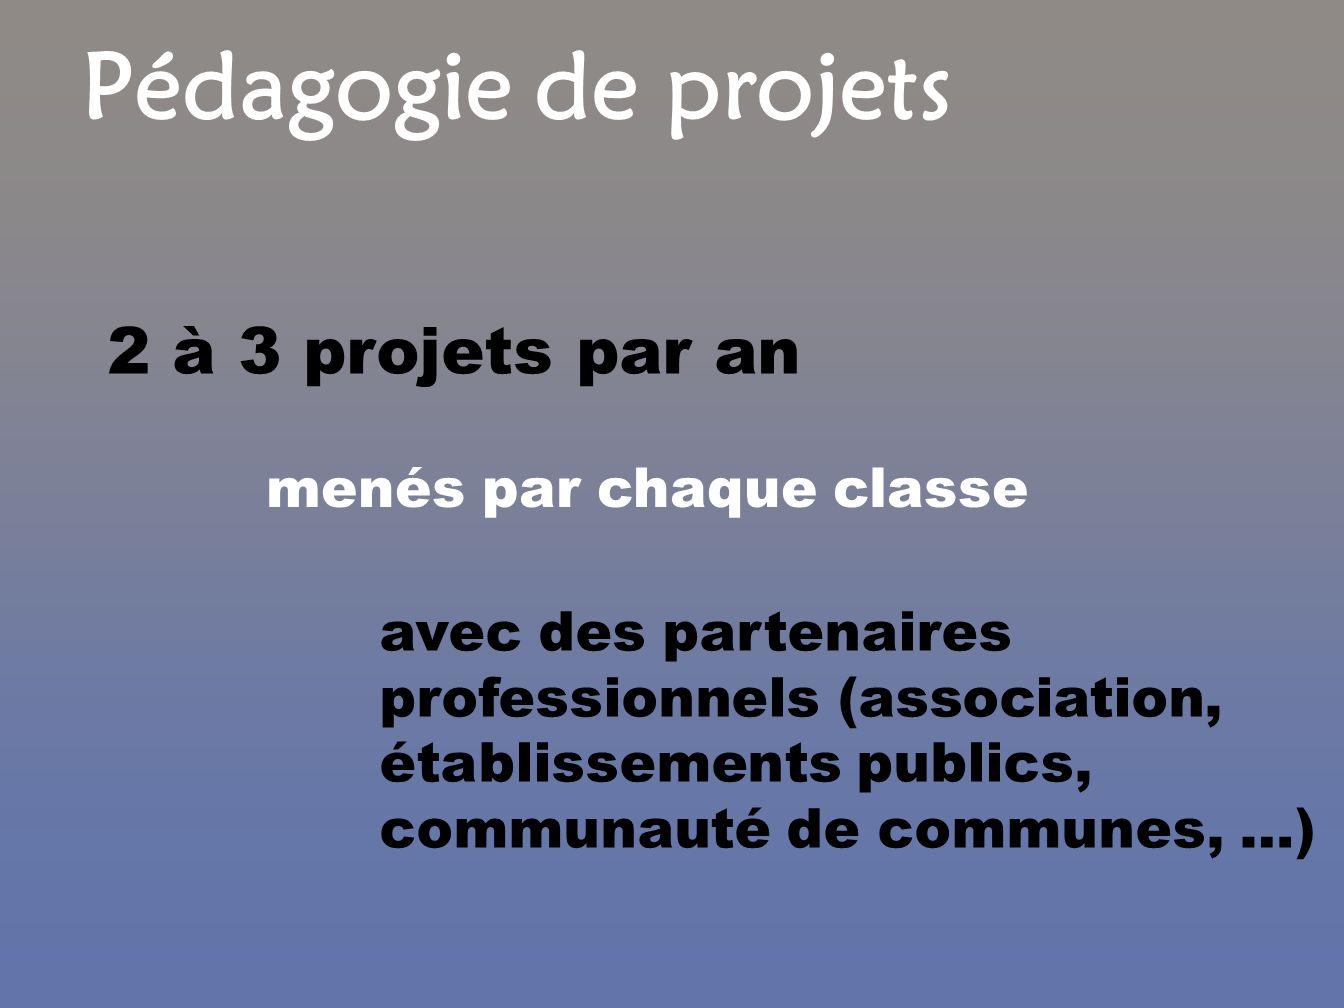 2 à 3 projets par an avec des partenaires professionnels (association, établissements publics, communauté de communes, …) menés par chaque classe Péda